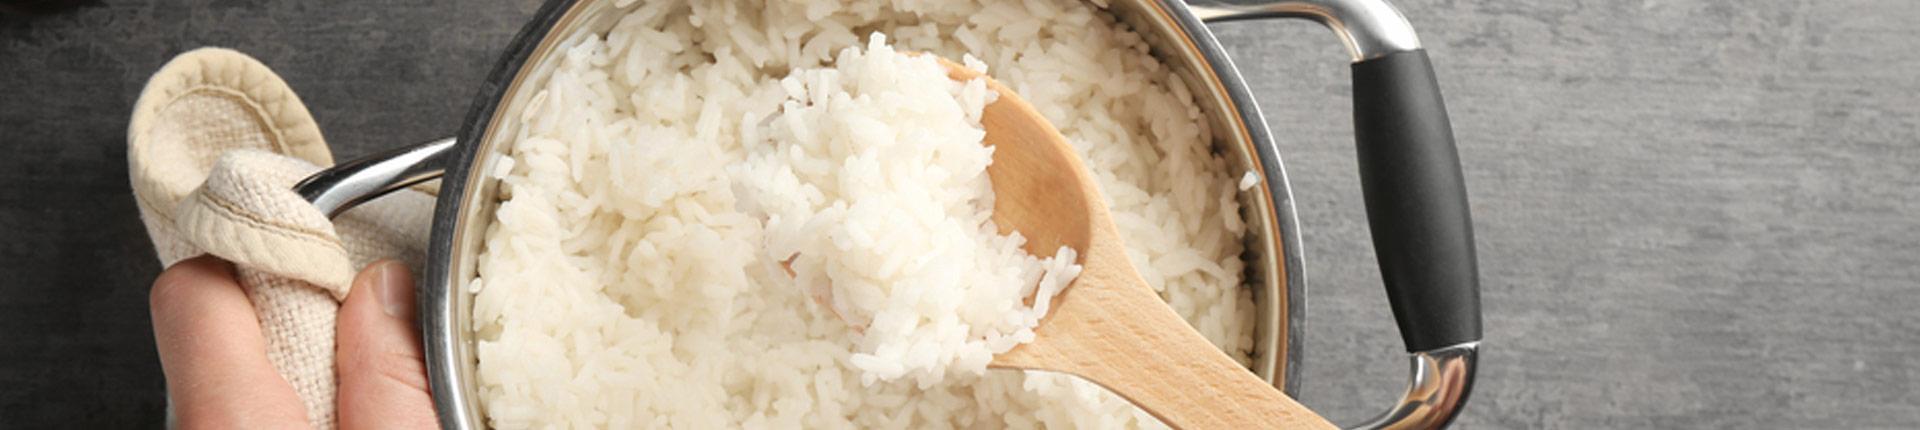 Arsen w ryżu. Jak pozbyć się arsenu?